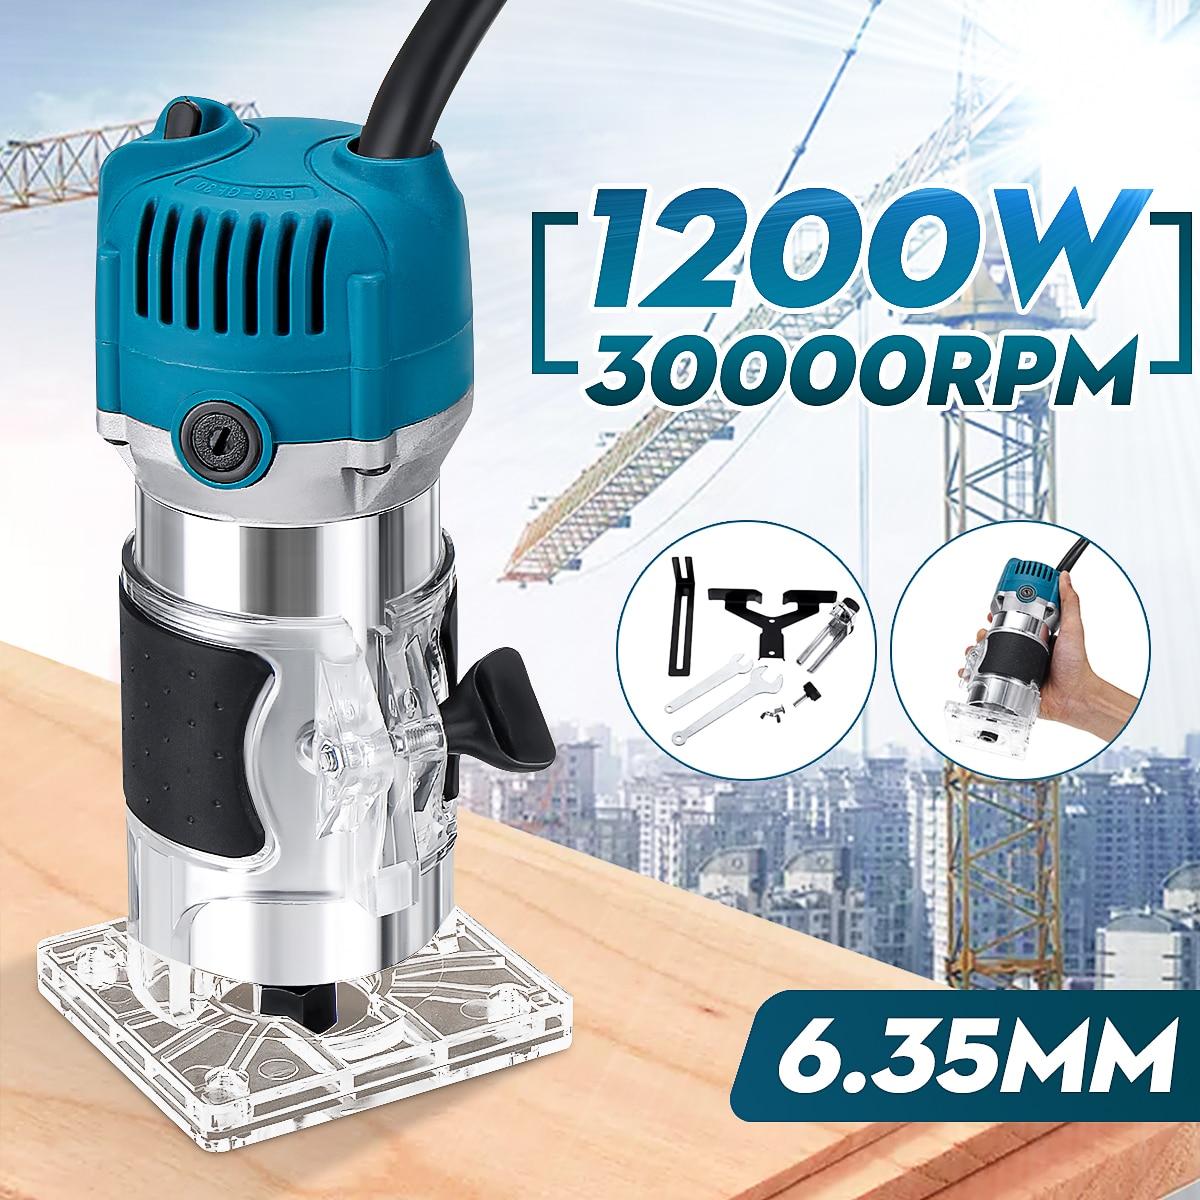 Elektryczny trymer 1200W 30000r/min elektryczny drewna laminat krawędzi ręcznie trymer Router stolarki zestaw do obróbki drewna 6.35mm Collet Carving